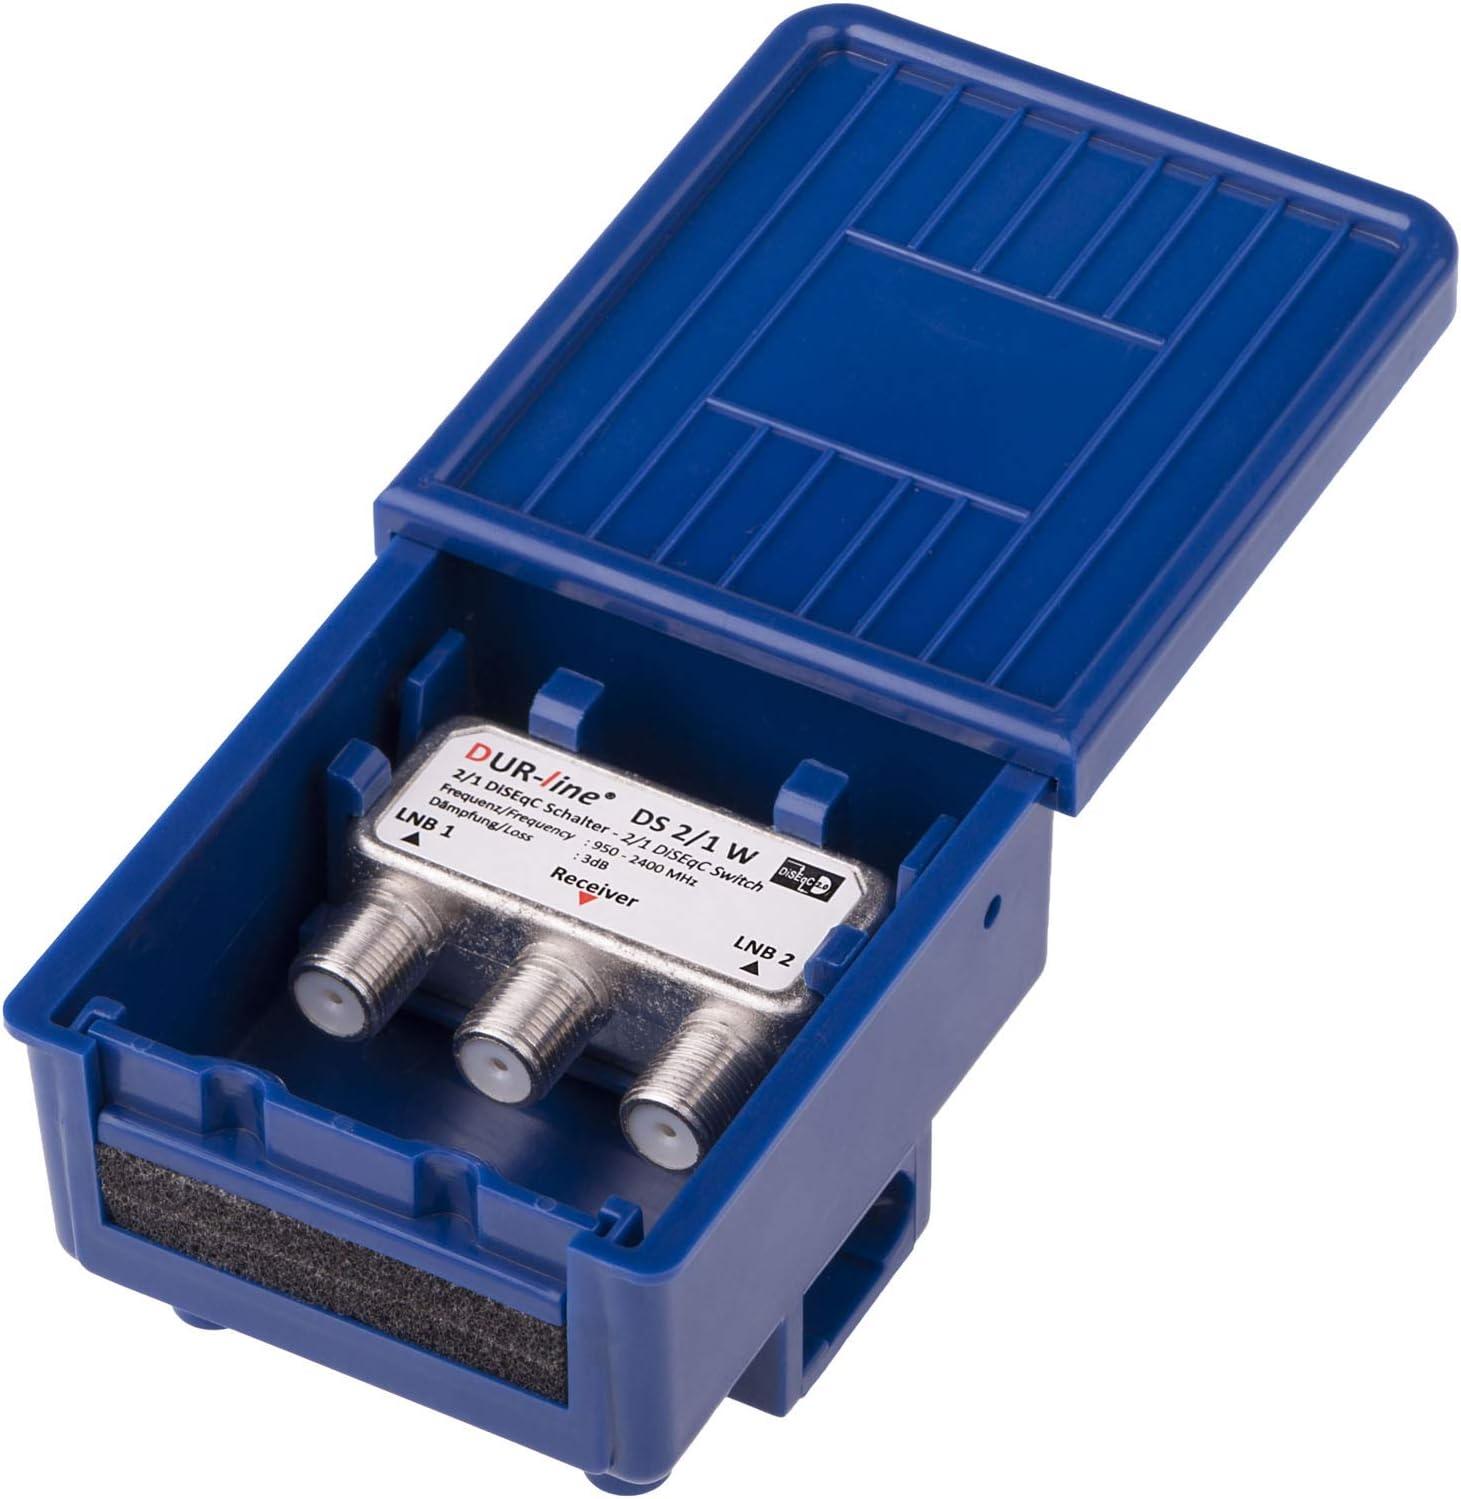 Dur Line 2 1 Diseqc Schalter Im Wetterschutzgehäuse Elektronik